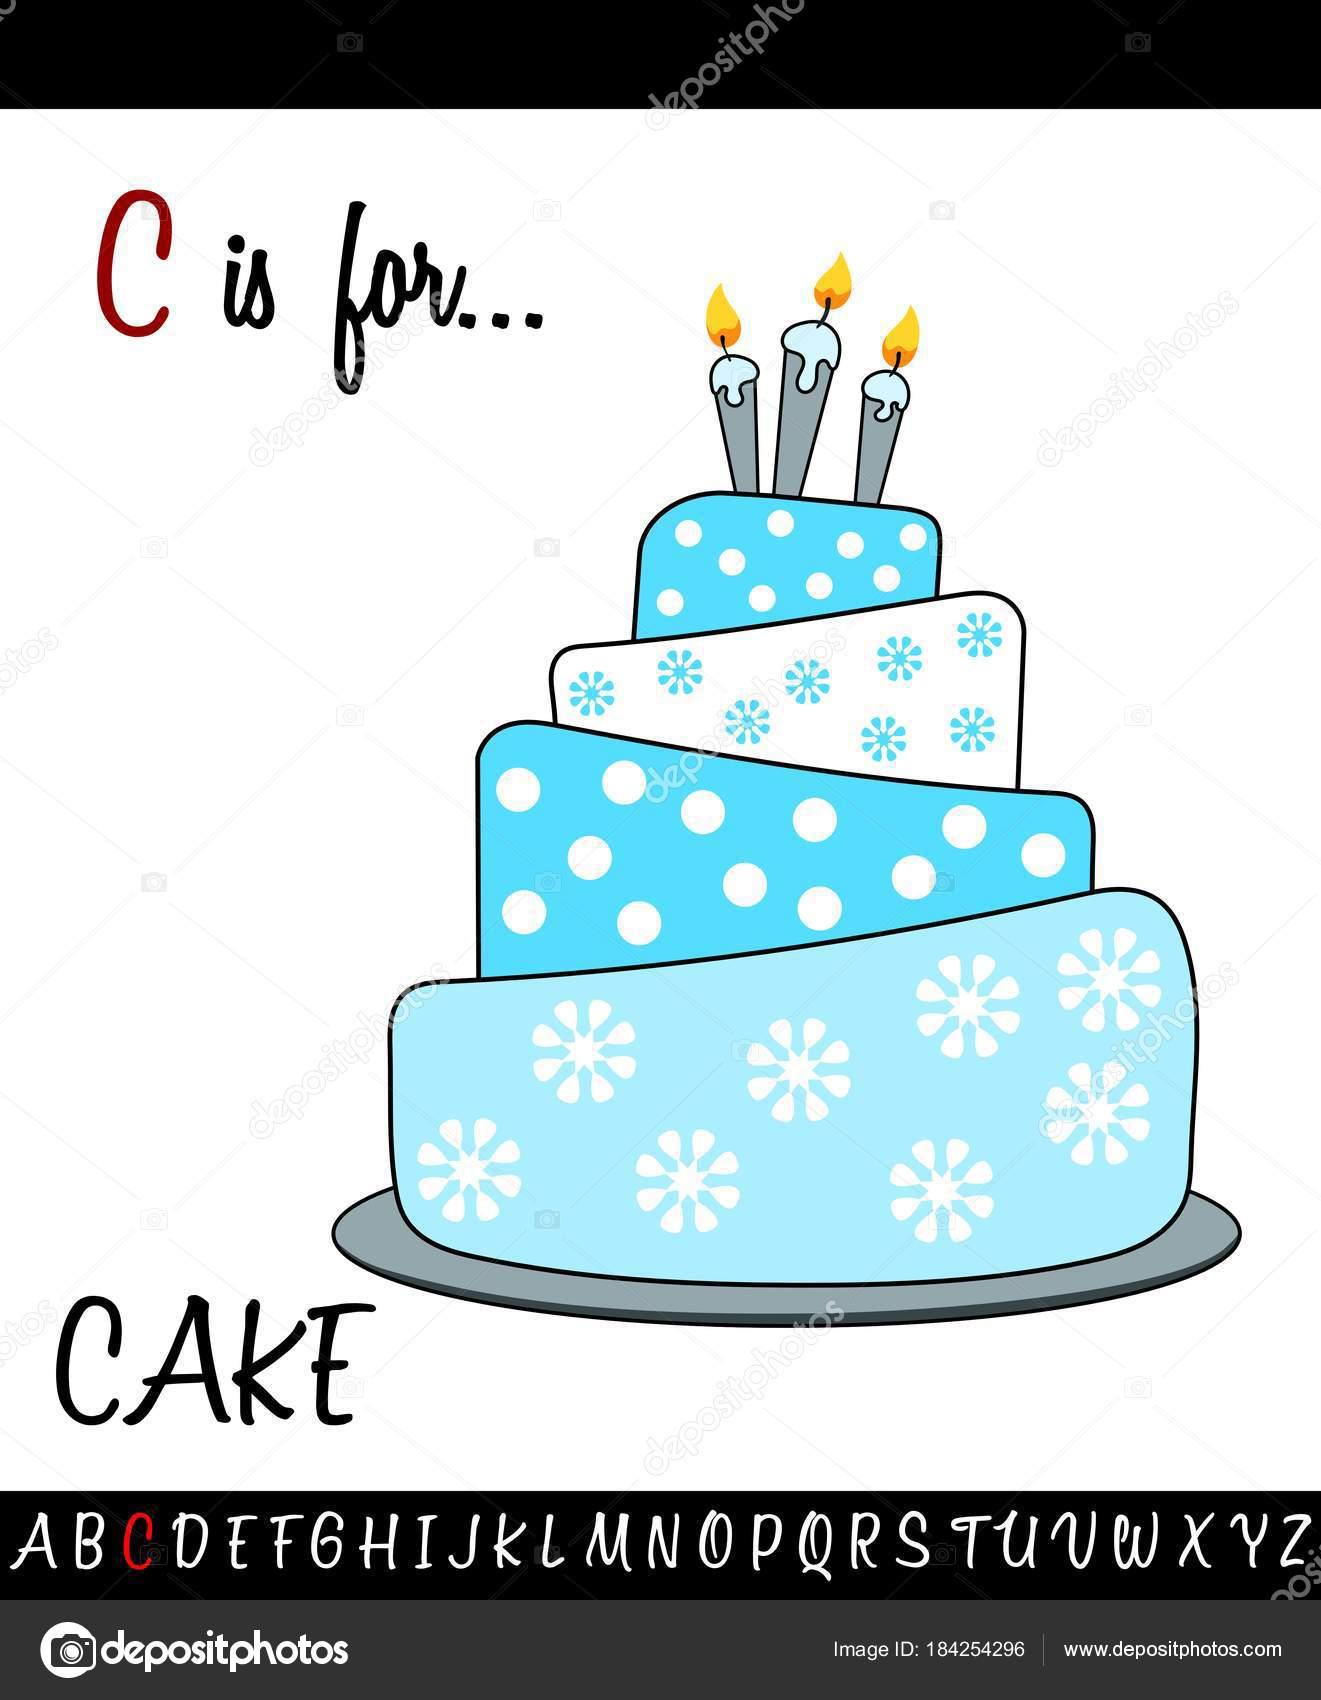 Illustrierte Wortschatz Arbeitsblatt Karte mit Cartoon Kuchen ...